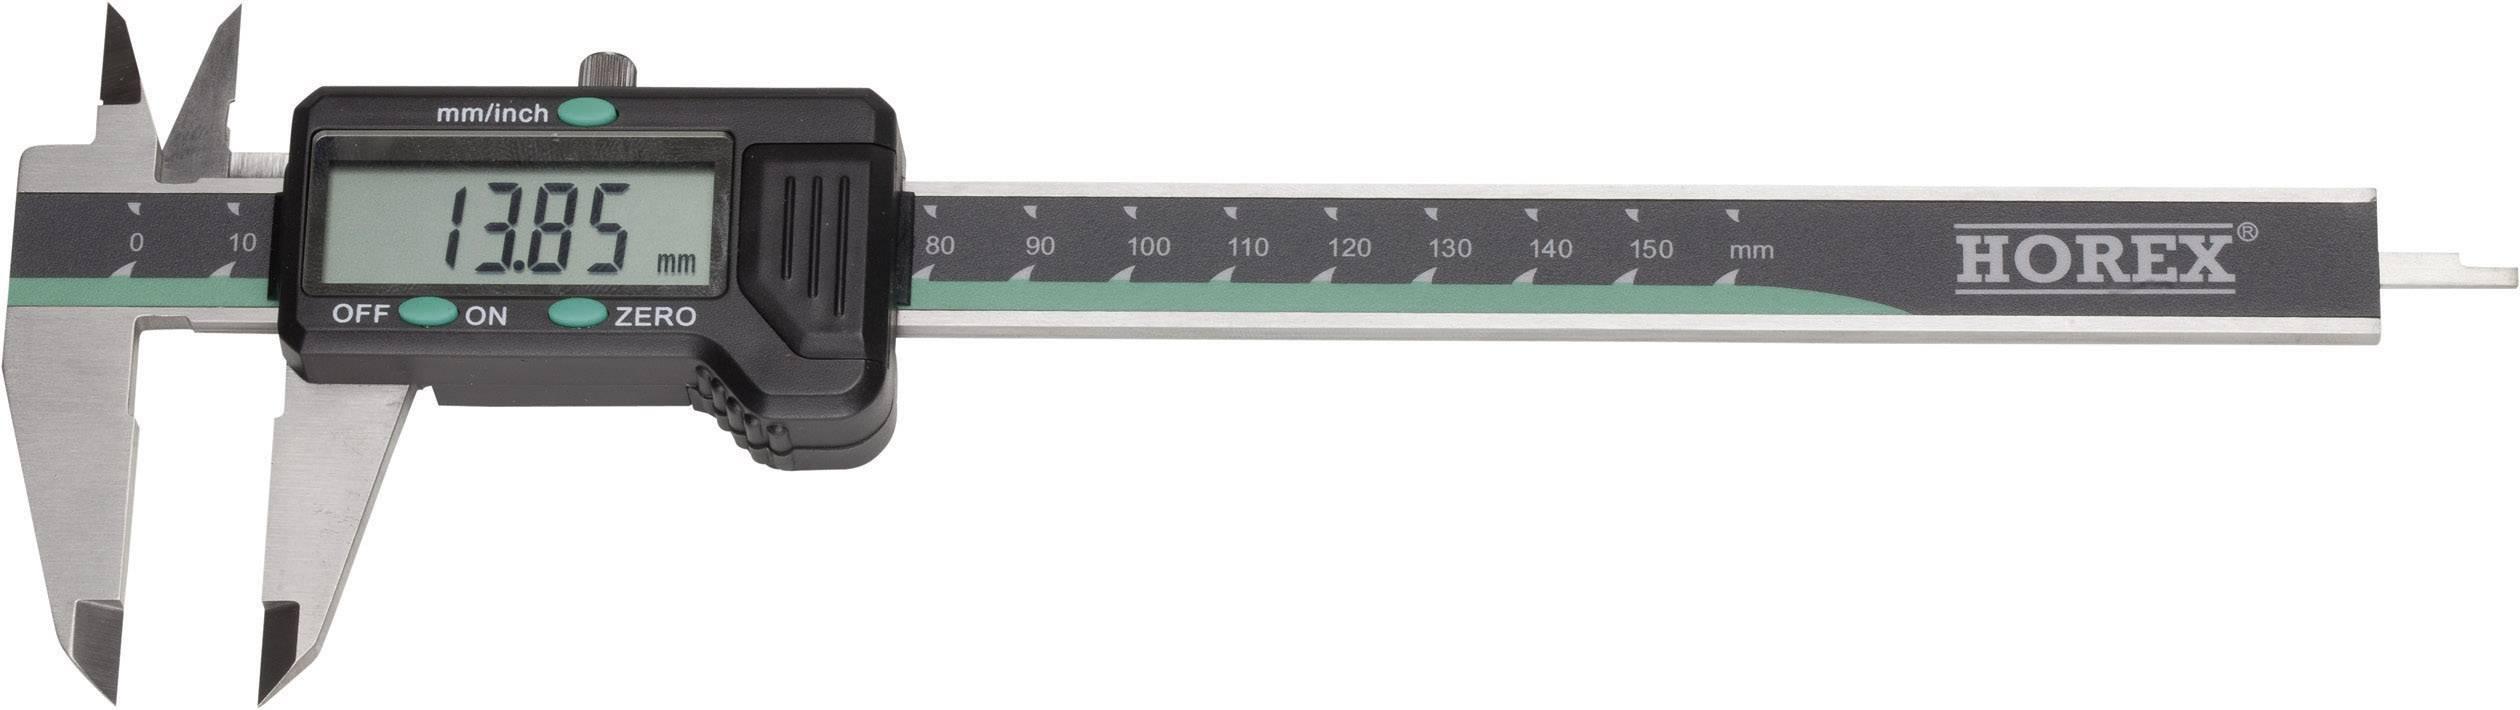 Digitální posuvné měřítko Horex 2211222, 300 mm